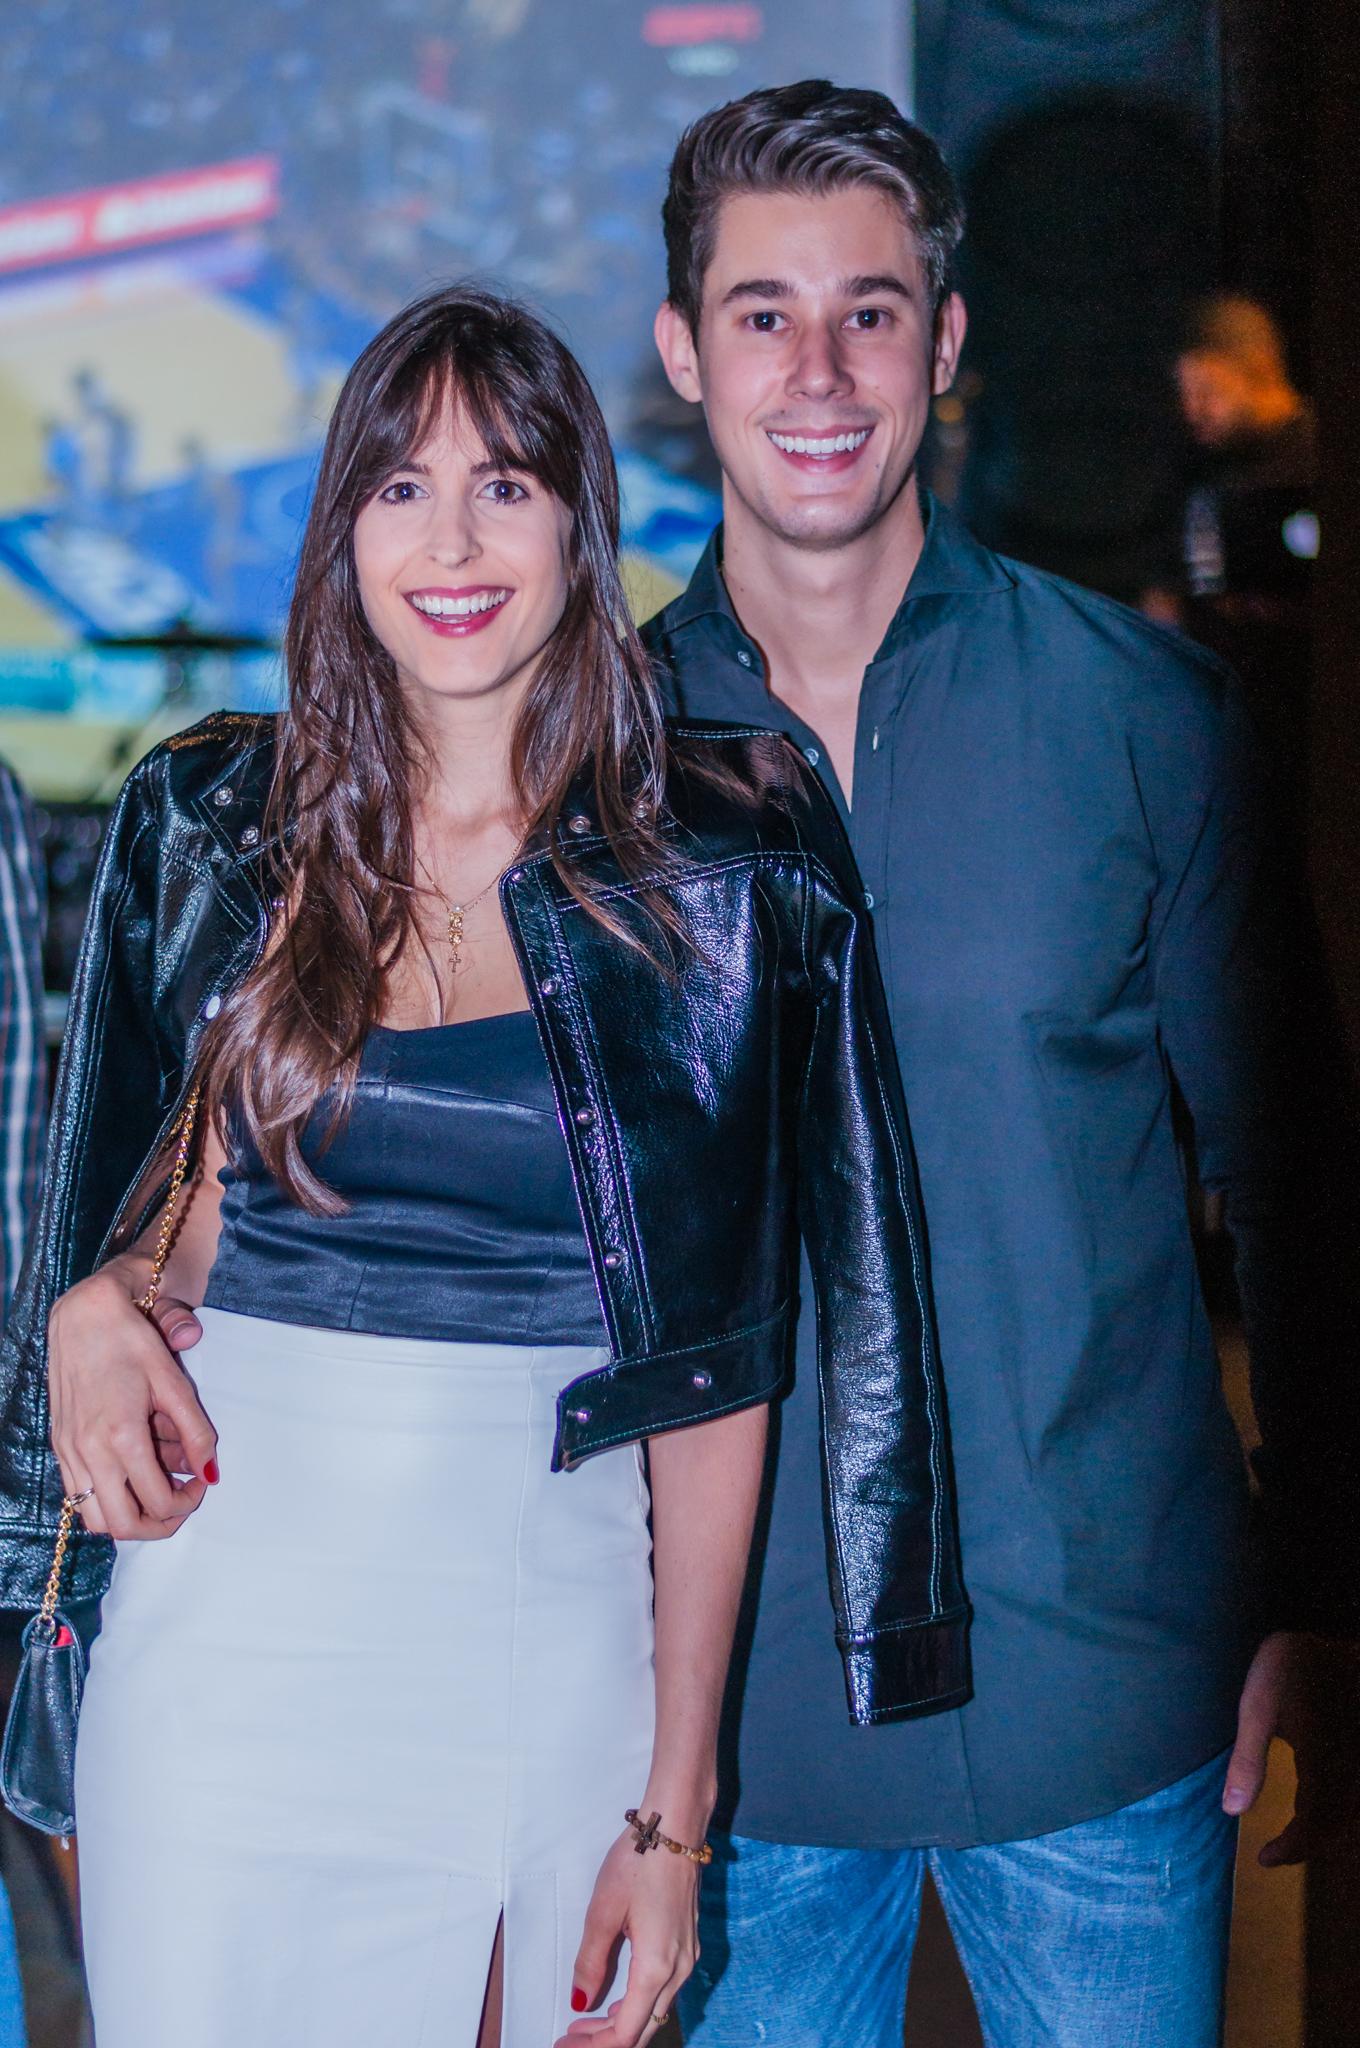 Duana Dornelas e Caio Barth no lançamento da temporada 2020 do Porão em Vix. Foto: Luísa Stein